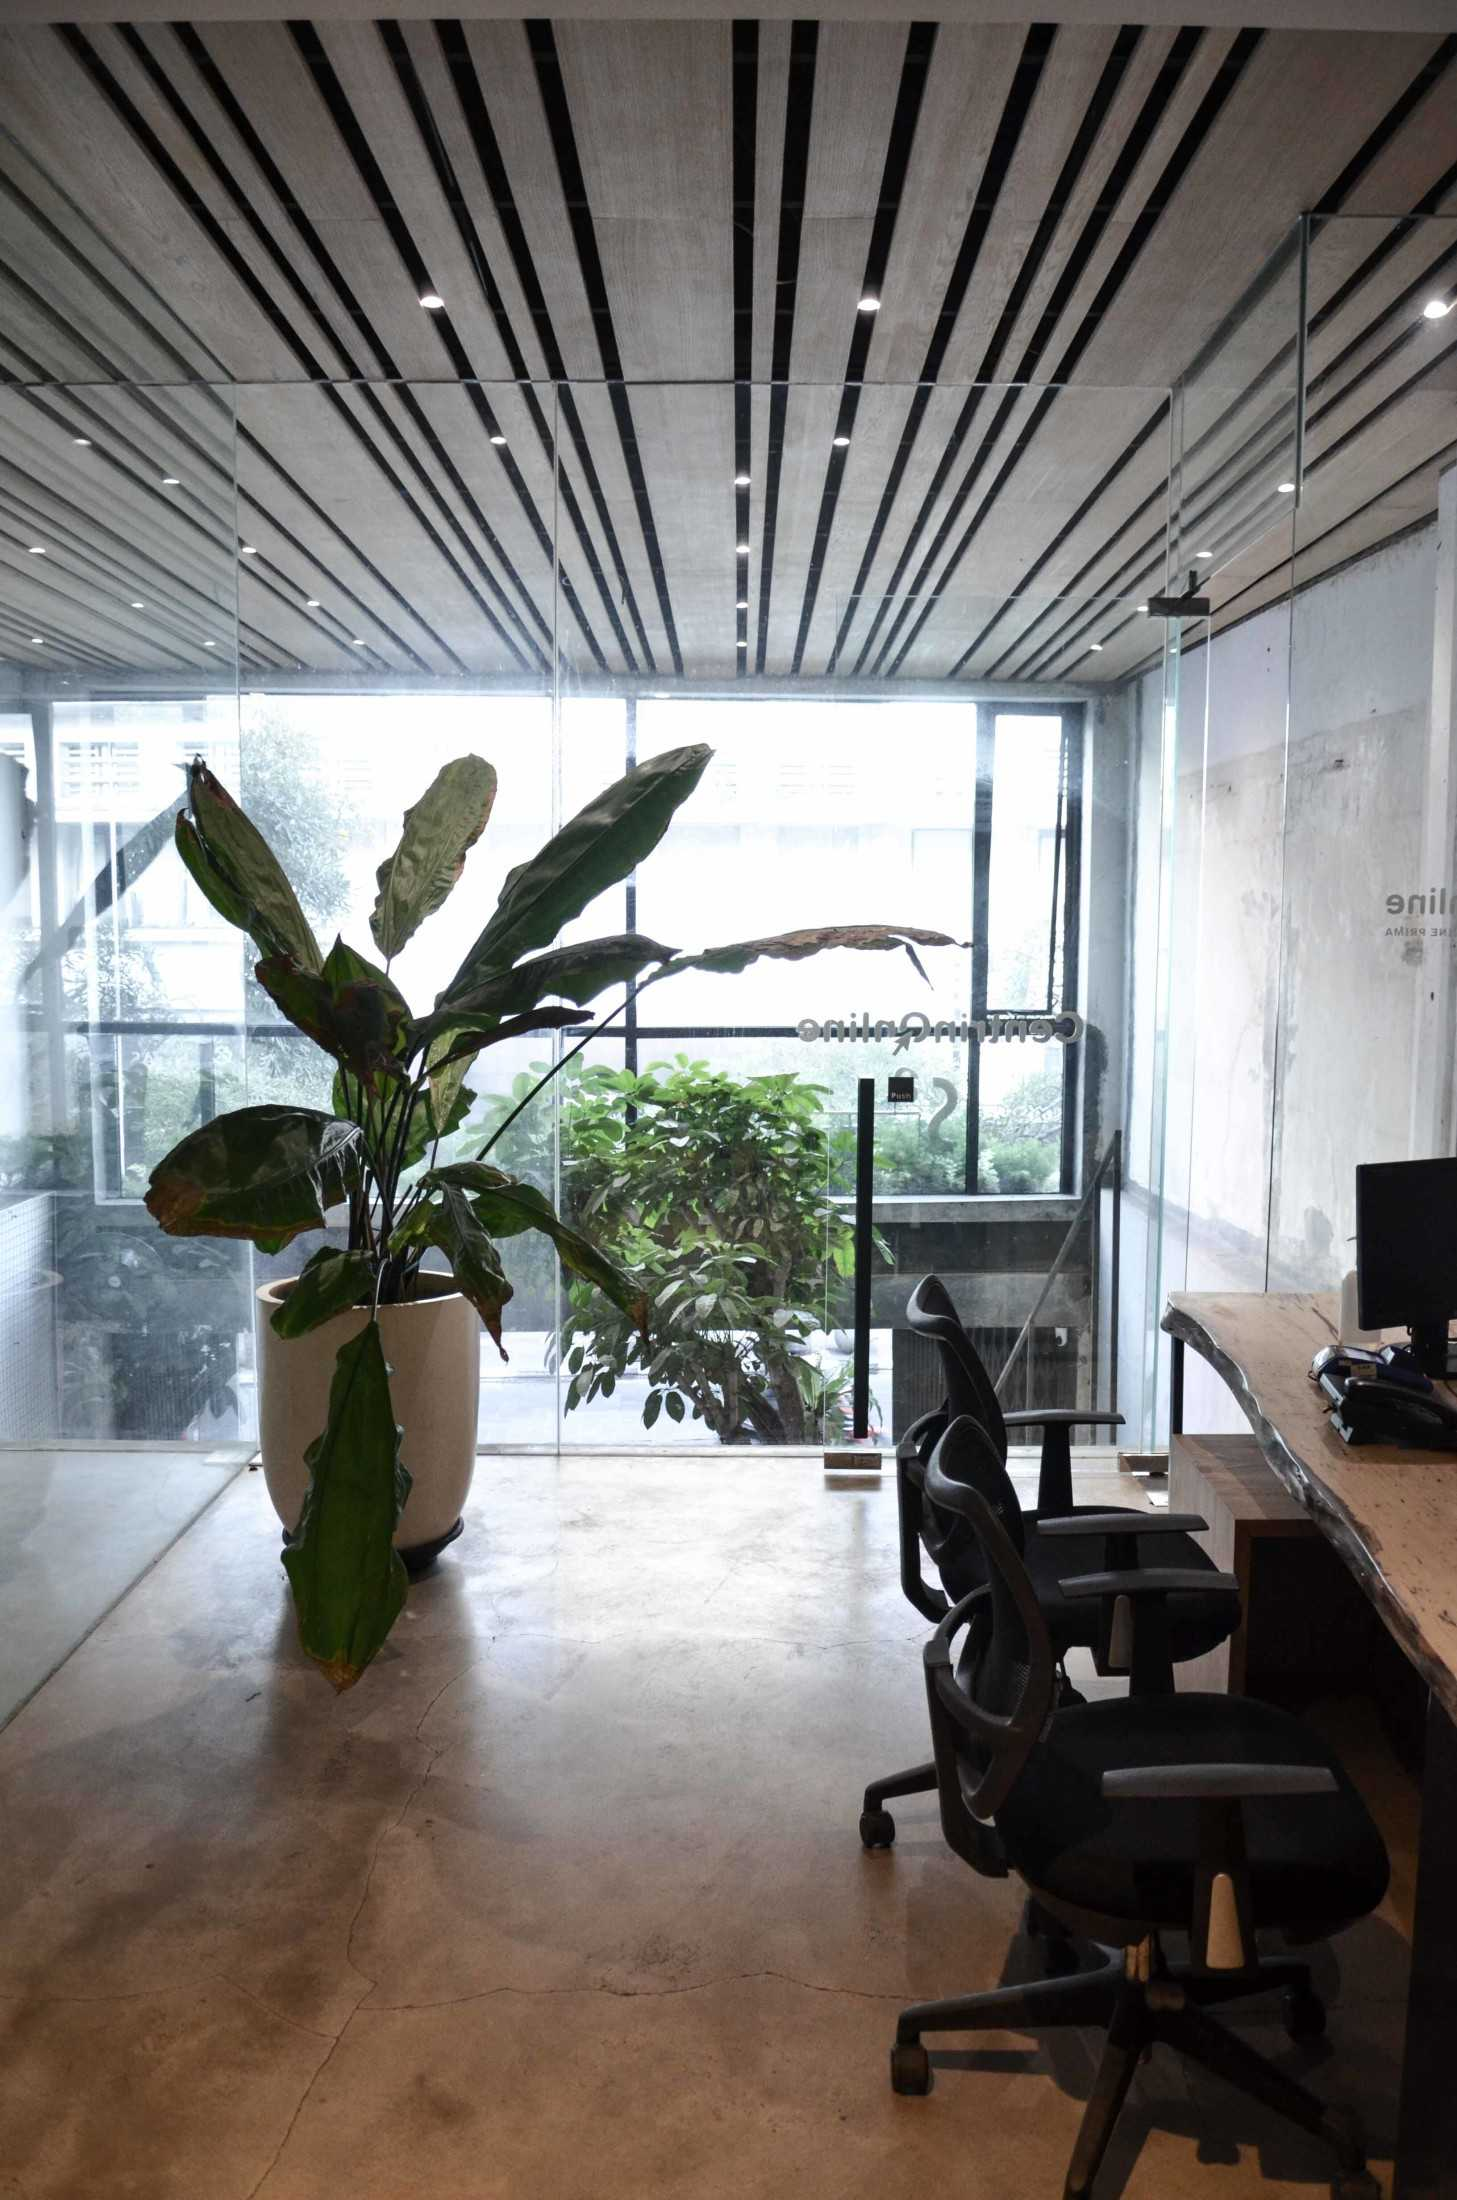 Oi Architect Centrin Office Bandung, Kota Bandung, Jawa Barat, Indonesia Bandung, Kota Bandung, Jawa Barat, Indonesia Oi-Architect-Centrin-Office  94224